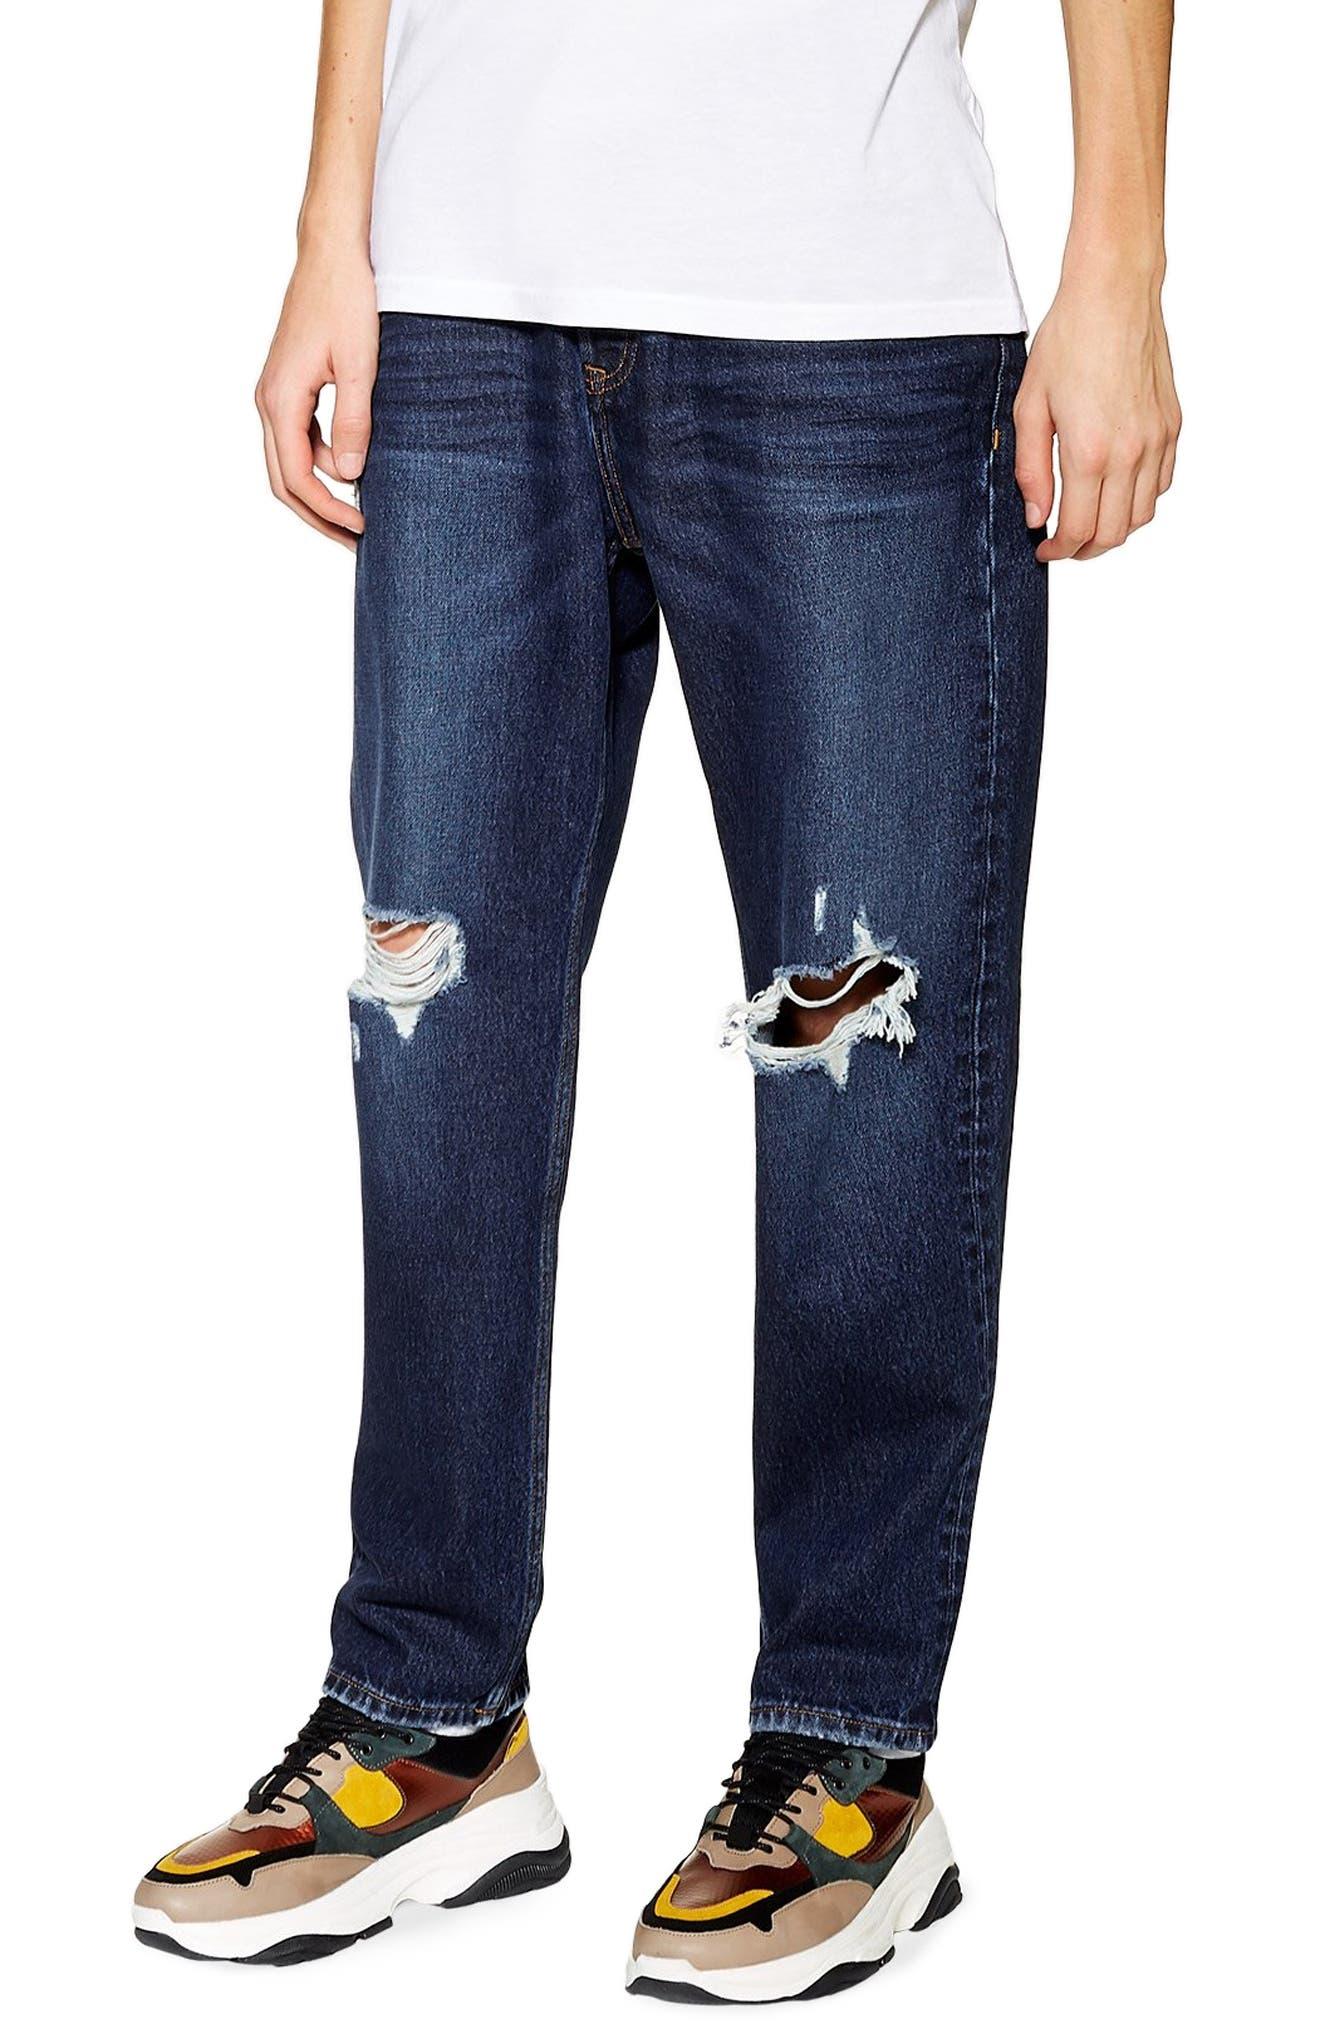 TOPMAN, Mikey Original Fit Jeans, Alternate thumbnail 4, color, 400